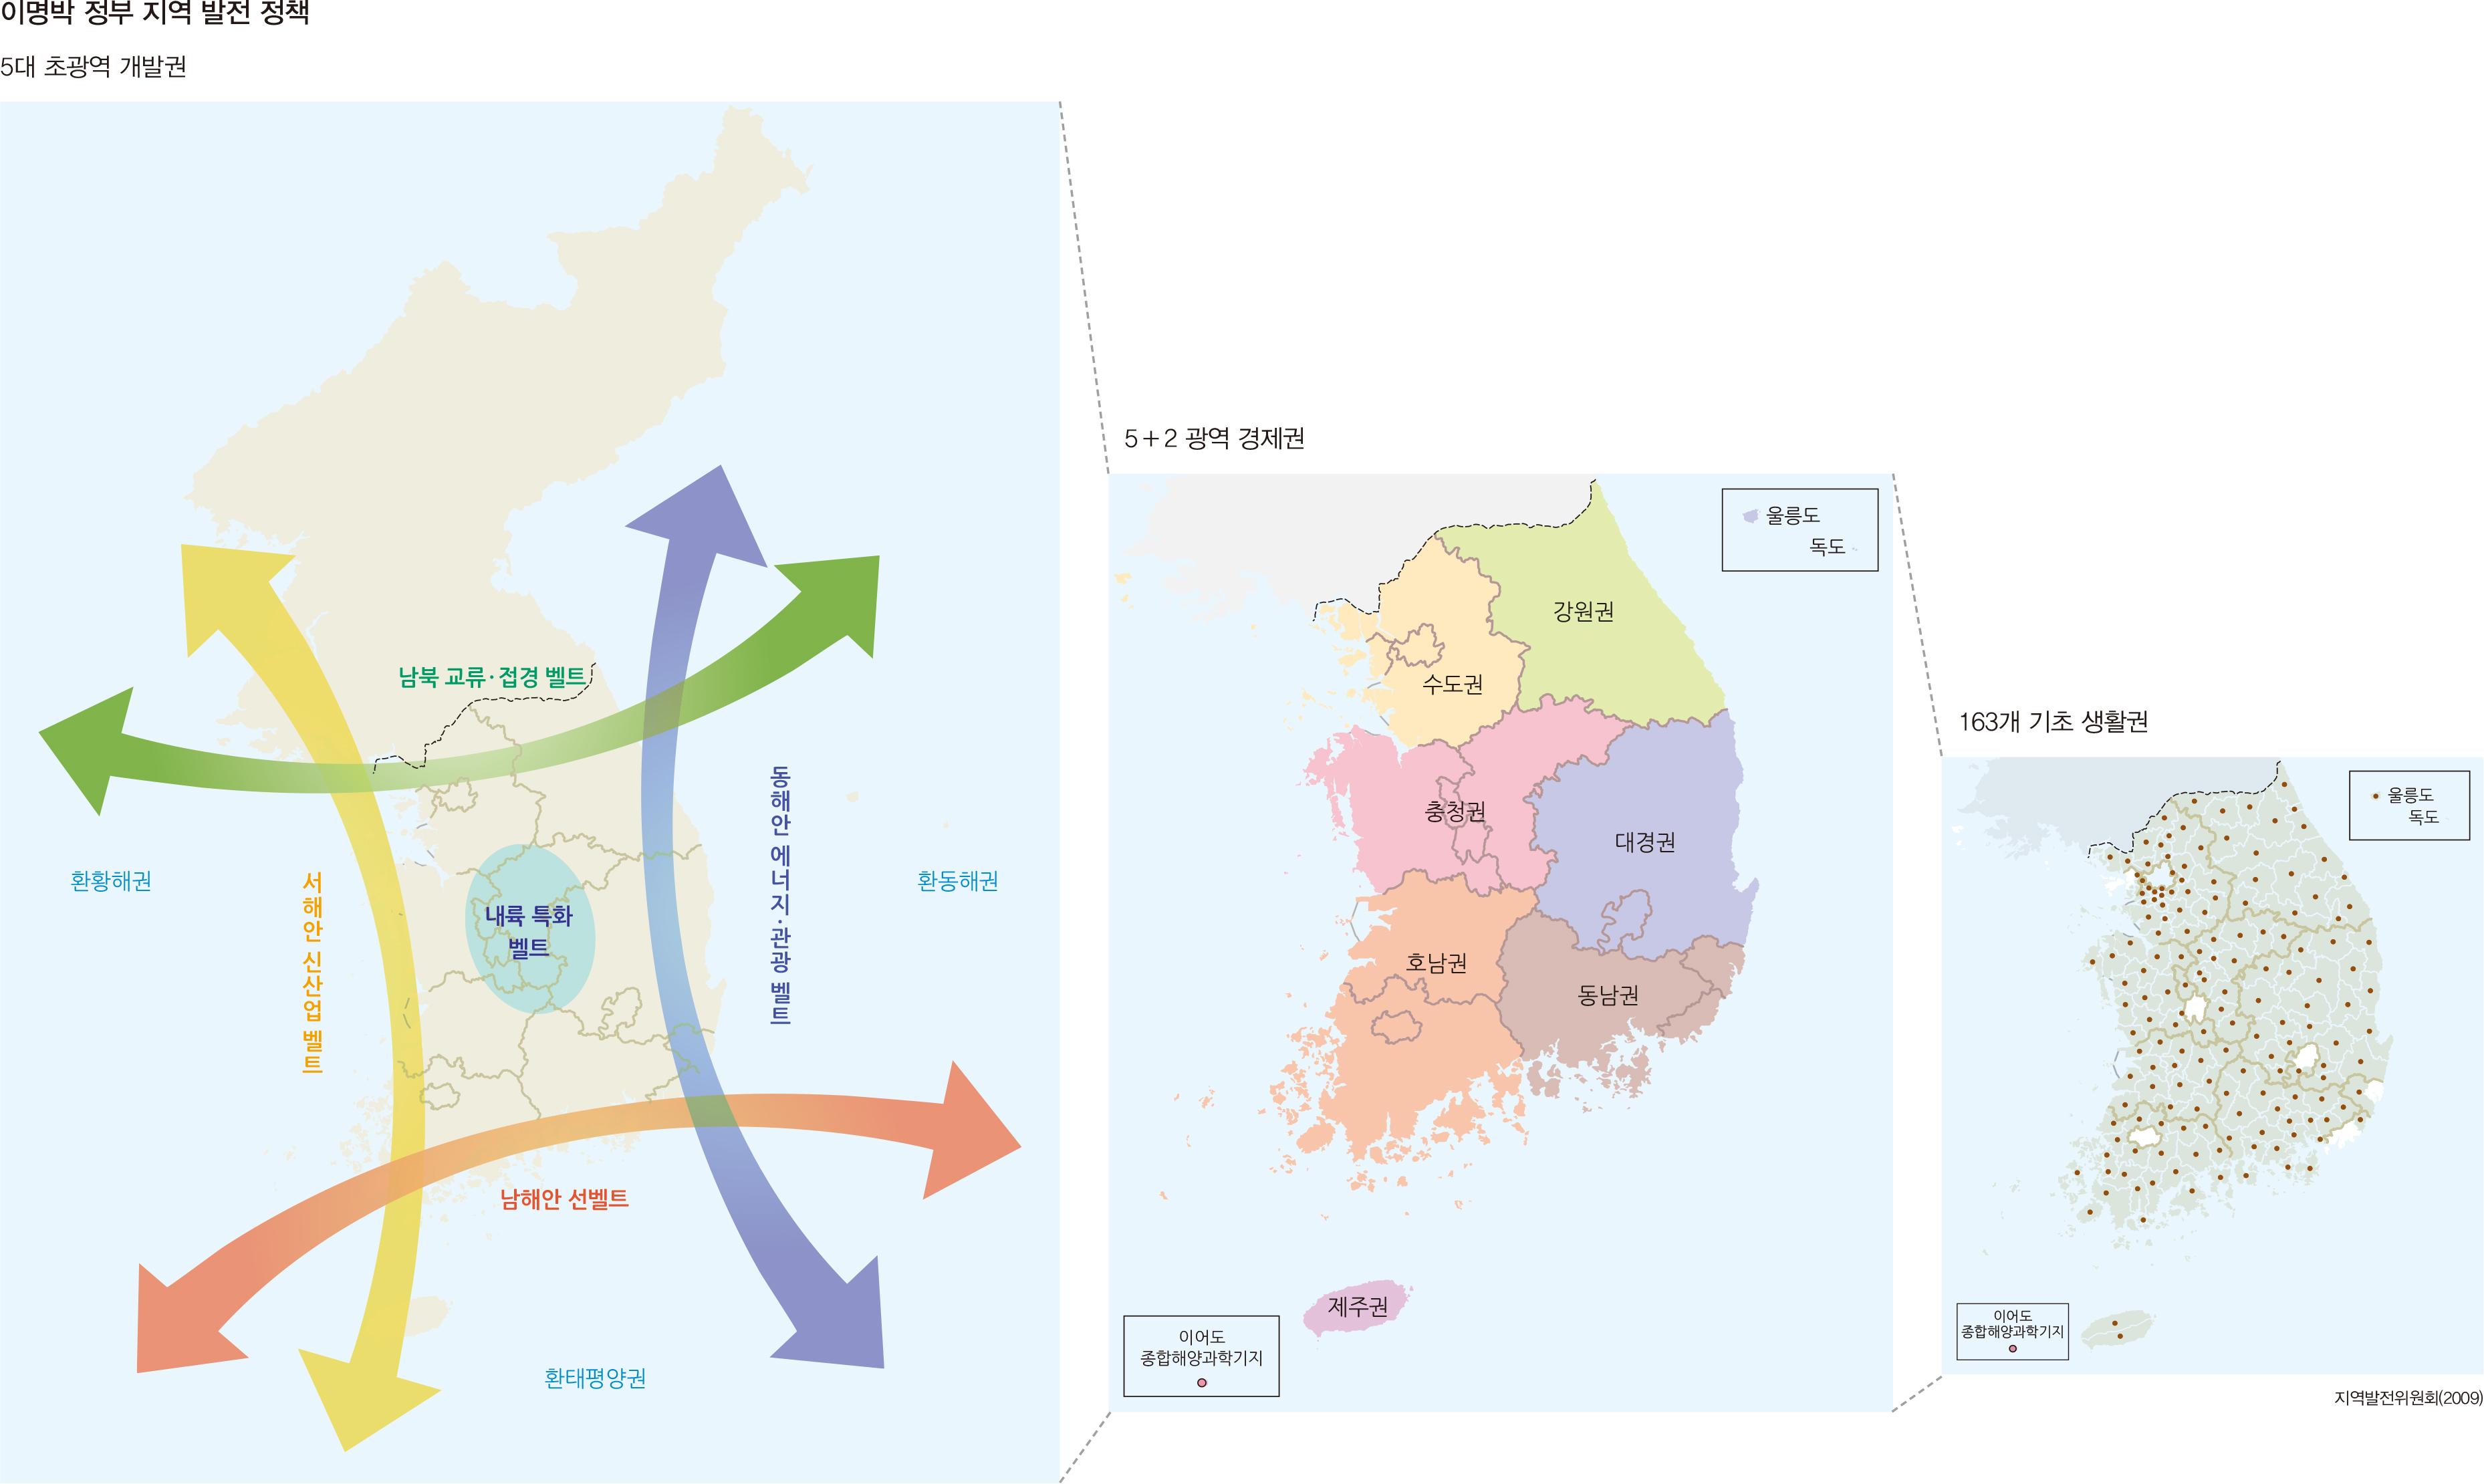 이명박 정부 지역 발전 정책